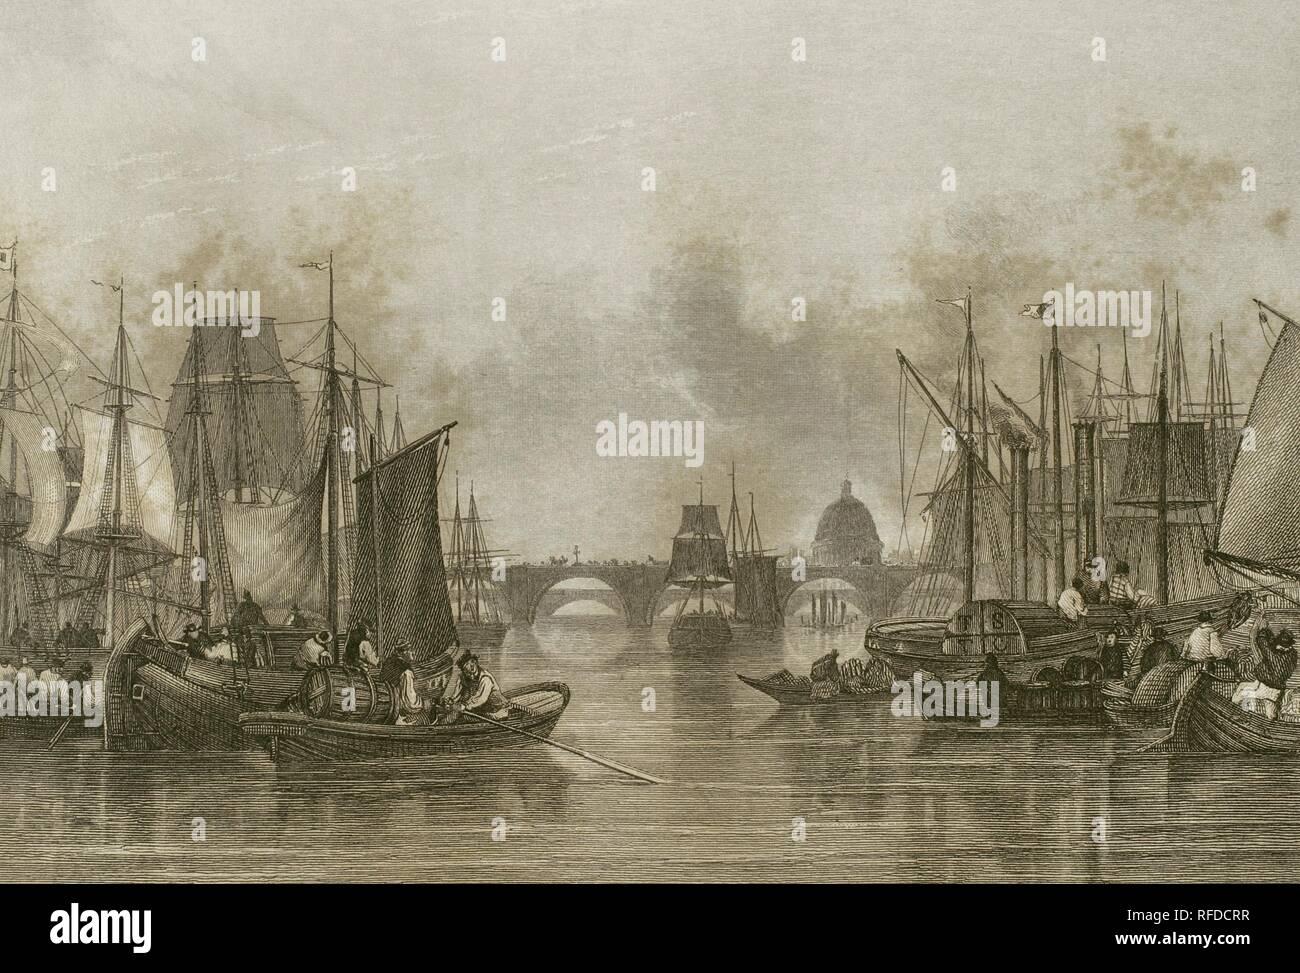 """Reino Unido. Inglaterra. La piscina superior (puerto de Londres). Tramo del río Támesis que se extiende menos de una milla por debajo del Puente de Londres. Transporte marítimo en el río. Al fondo, el Puente de Londres (London Bridge) y la catedral de San Pablo. Grabado por John Woods (fl.1835-1855) a partir de un dibujo por el pintor paisajista John Francis Salmón (1808-1886). """"Londres y sus alrededores"""", h. 1840 (Londres y sus alrededores). Biblioteca Histórico Militar de Barcelona. Cataluña, España. Foto de stock"""